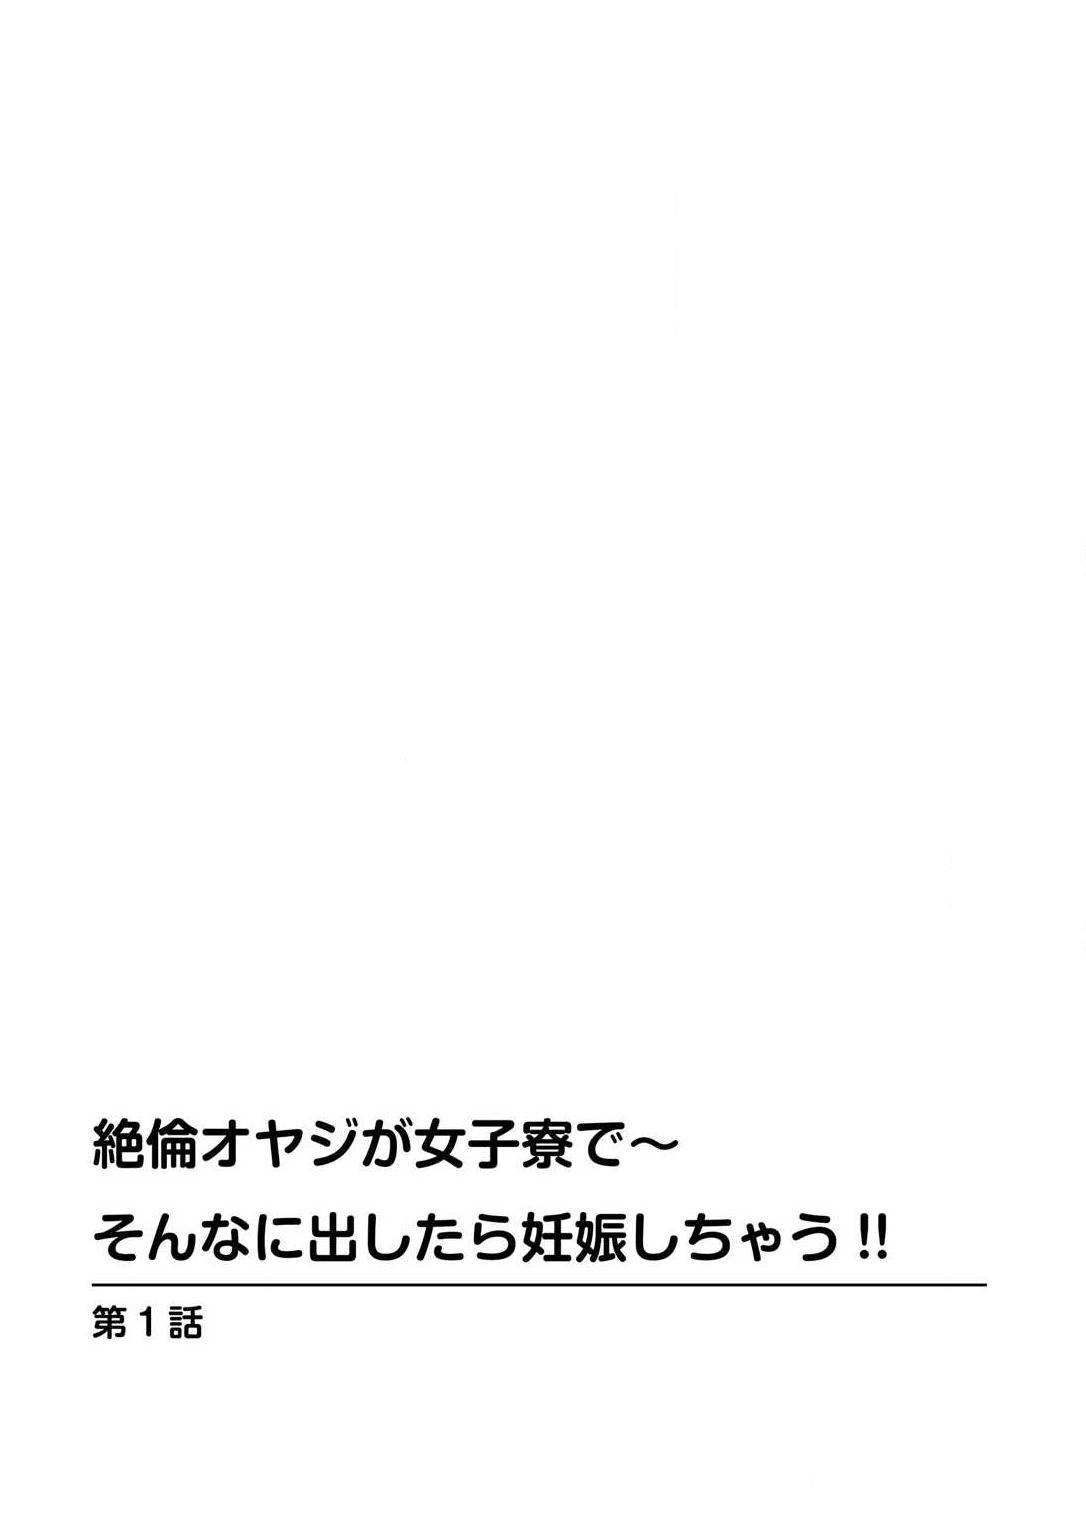 Zetsurin Oyaji ga Joshiryou de ~Sonna ni Dashitara Ninshin shichau!! 1 1